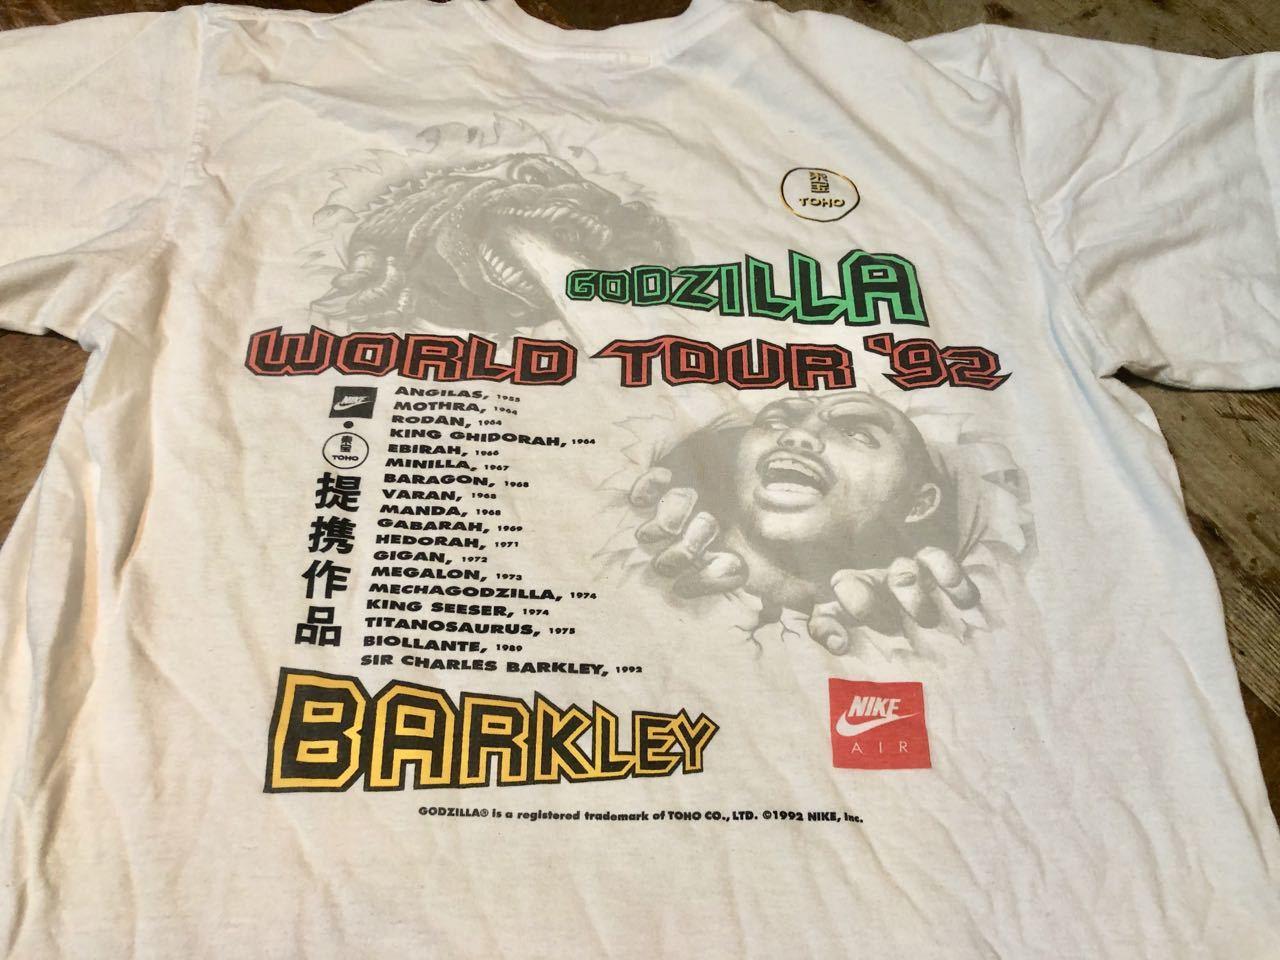 6月13日(土)入荷!1992年 90s NIKE GODZILLA ゴジラ BARKLEY AIRFORCE  Tシャツ!_c0144020_13481418.jpg